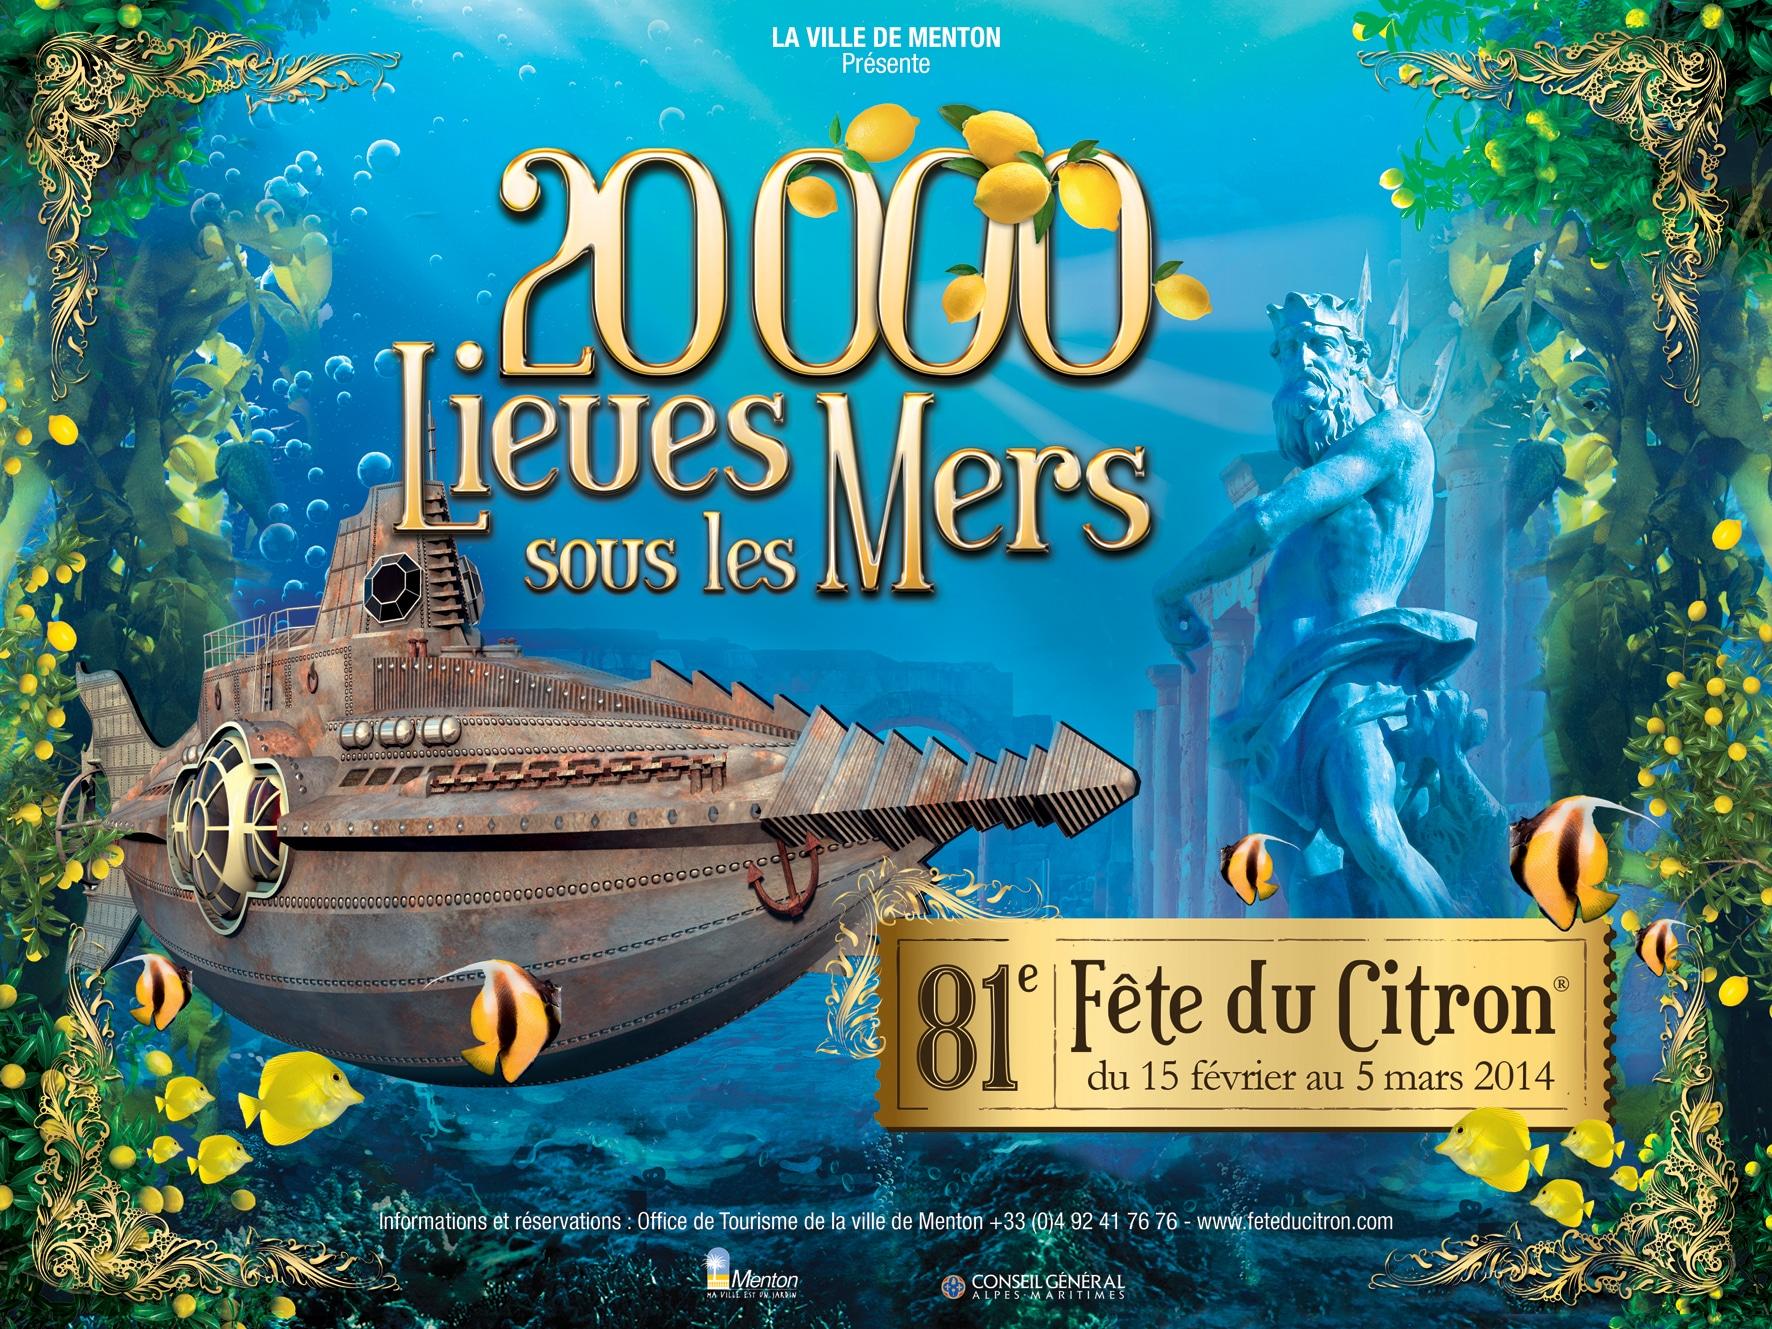 Da semplice esposizione di agrumi creata nel 1933 a manifestazione di fama internazionale, la Fête du Citron® oggi attira quasi 160.000 visitatori.